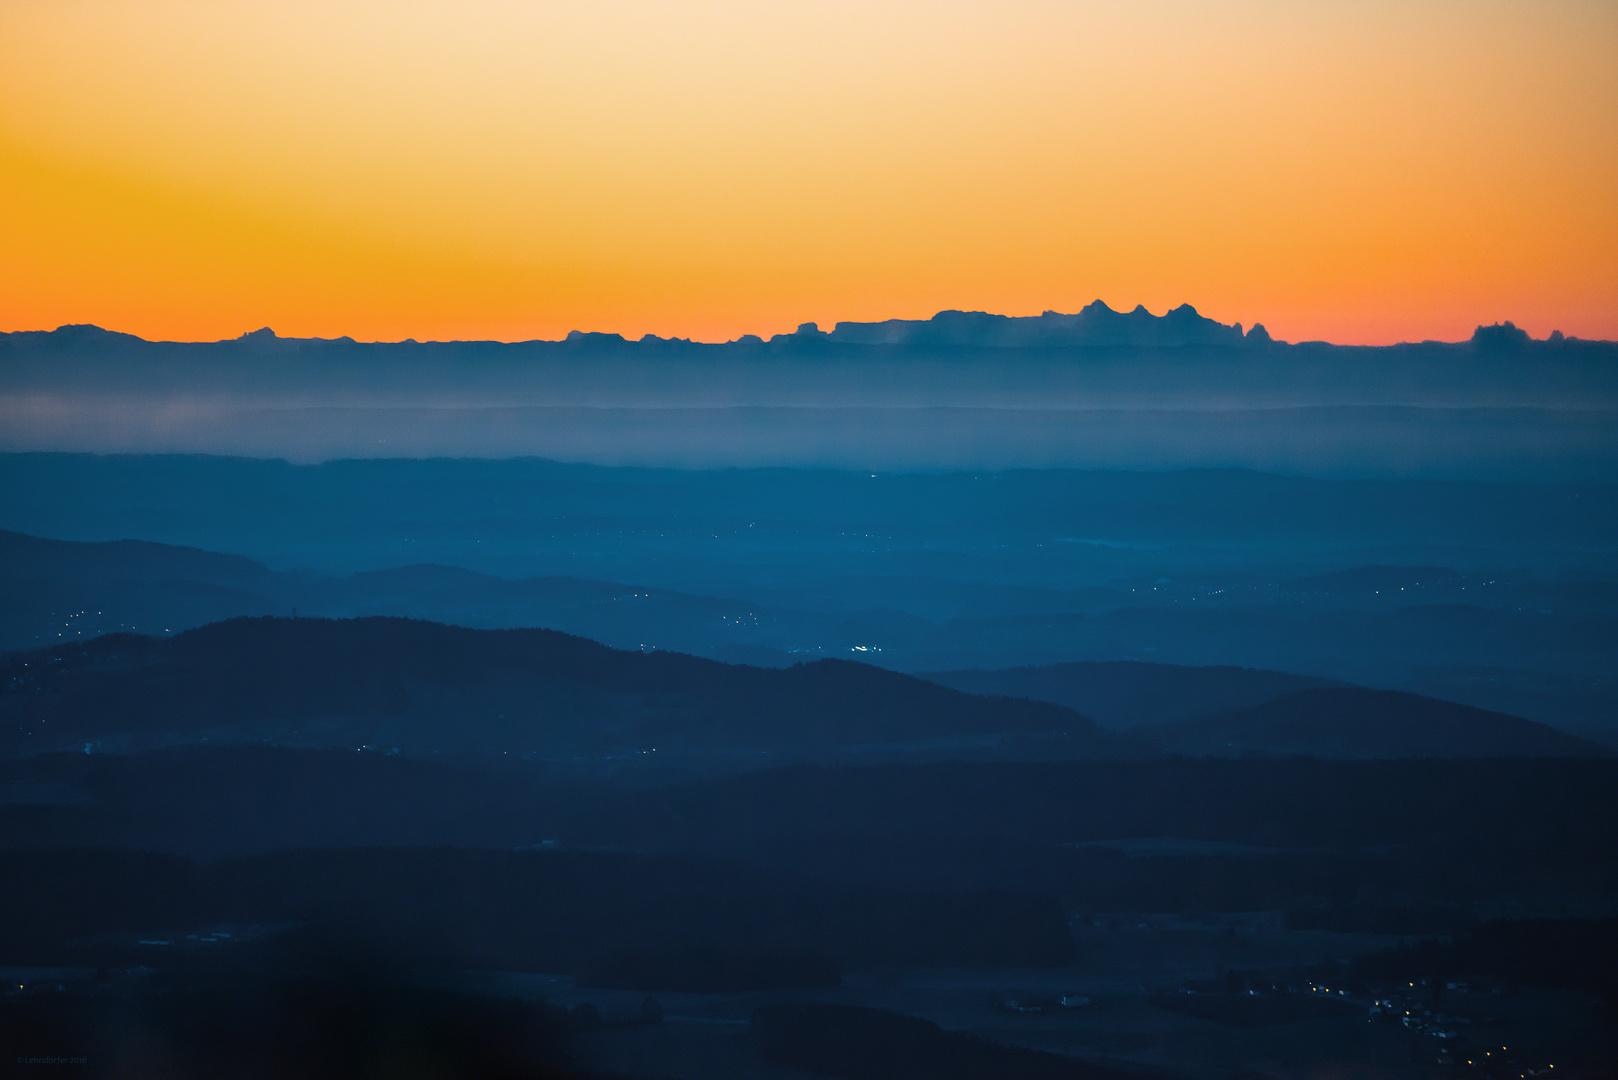 kurz vor Sonnenaufgang...